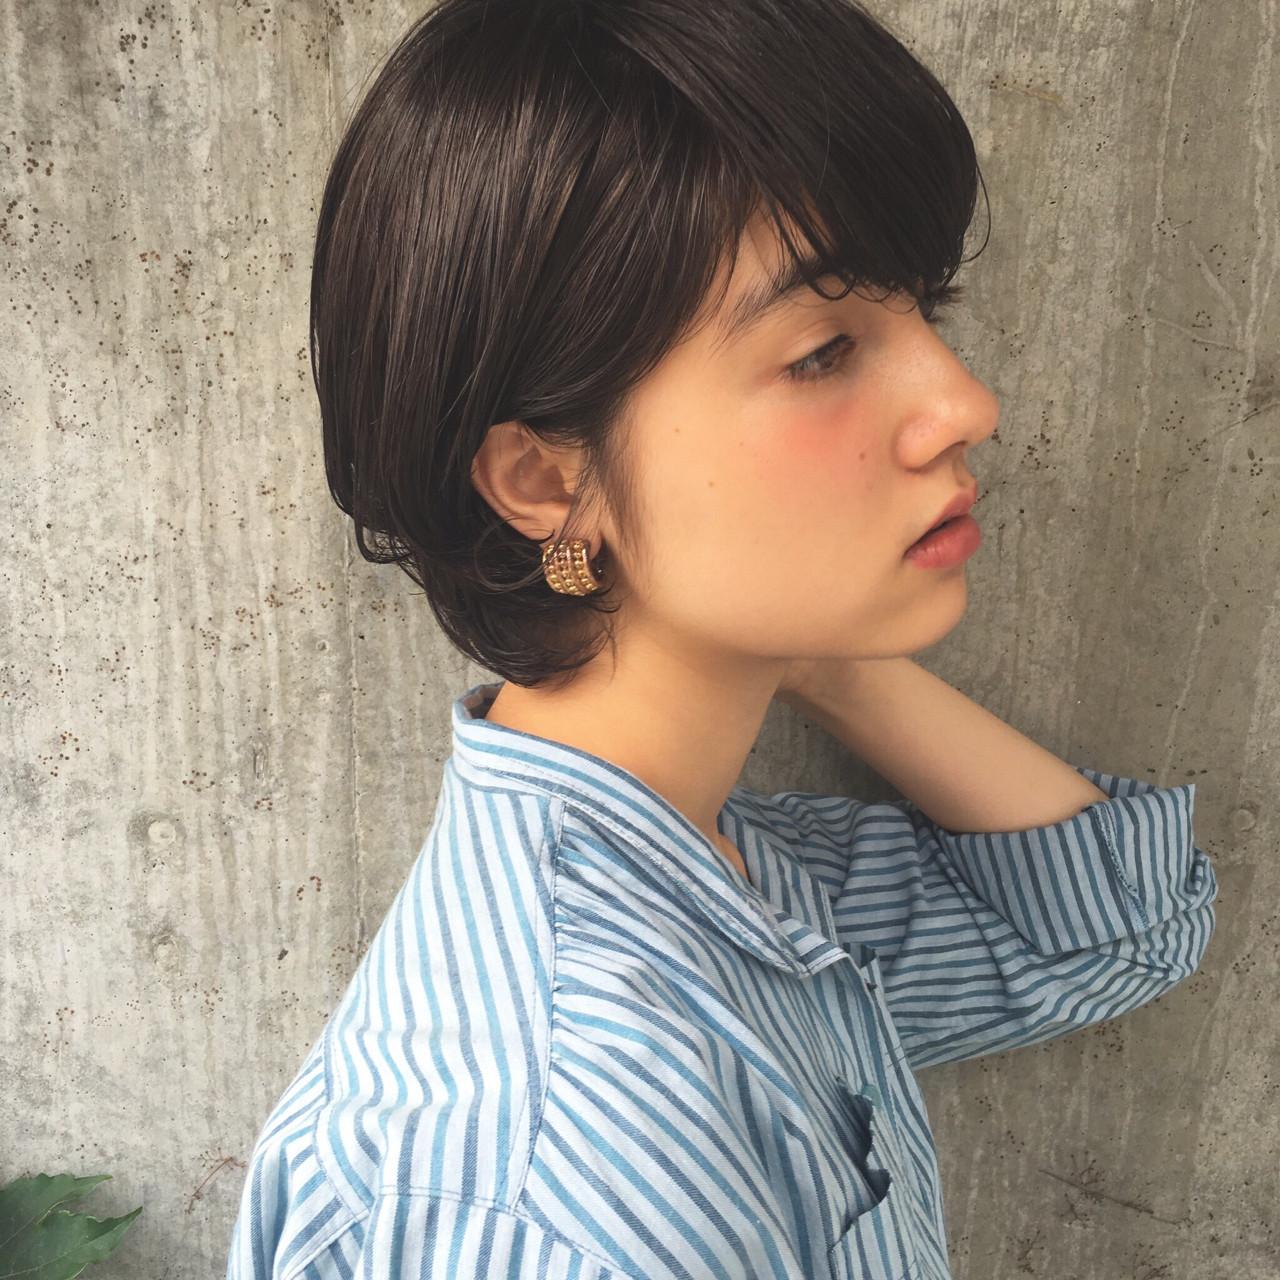 斜め前髪 黒髪 モード デート ヘアスタイルや髪型の写真・画像 | 小西敬二郎 / Heartim